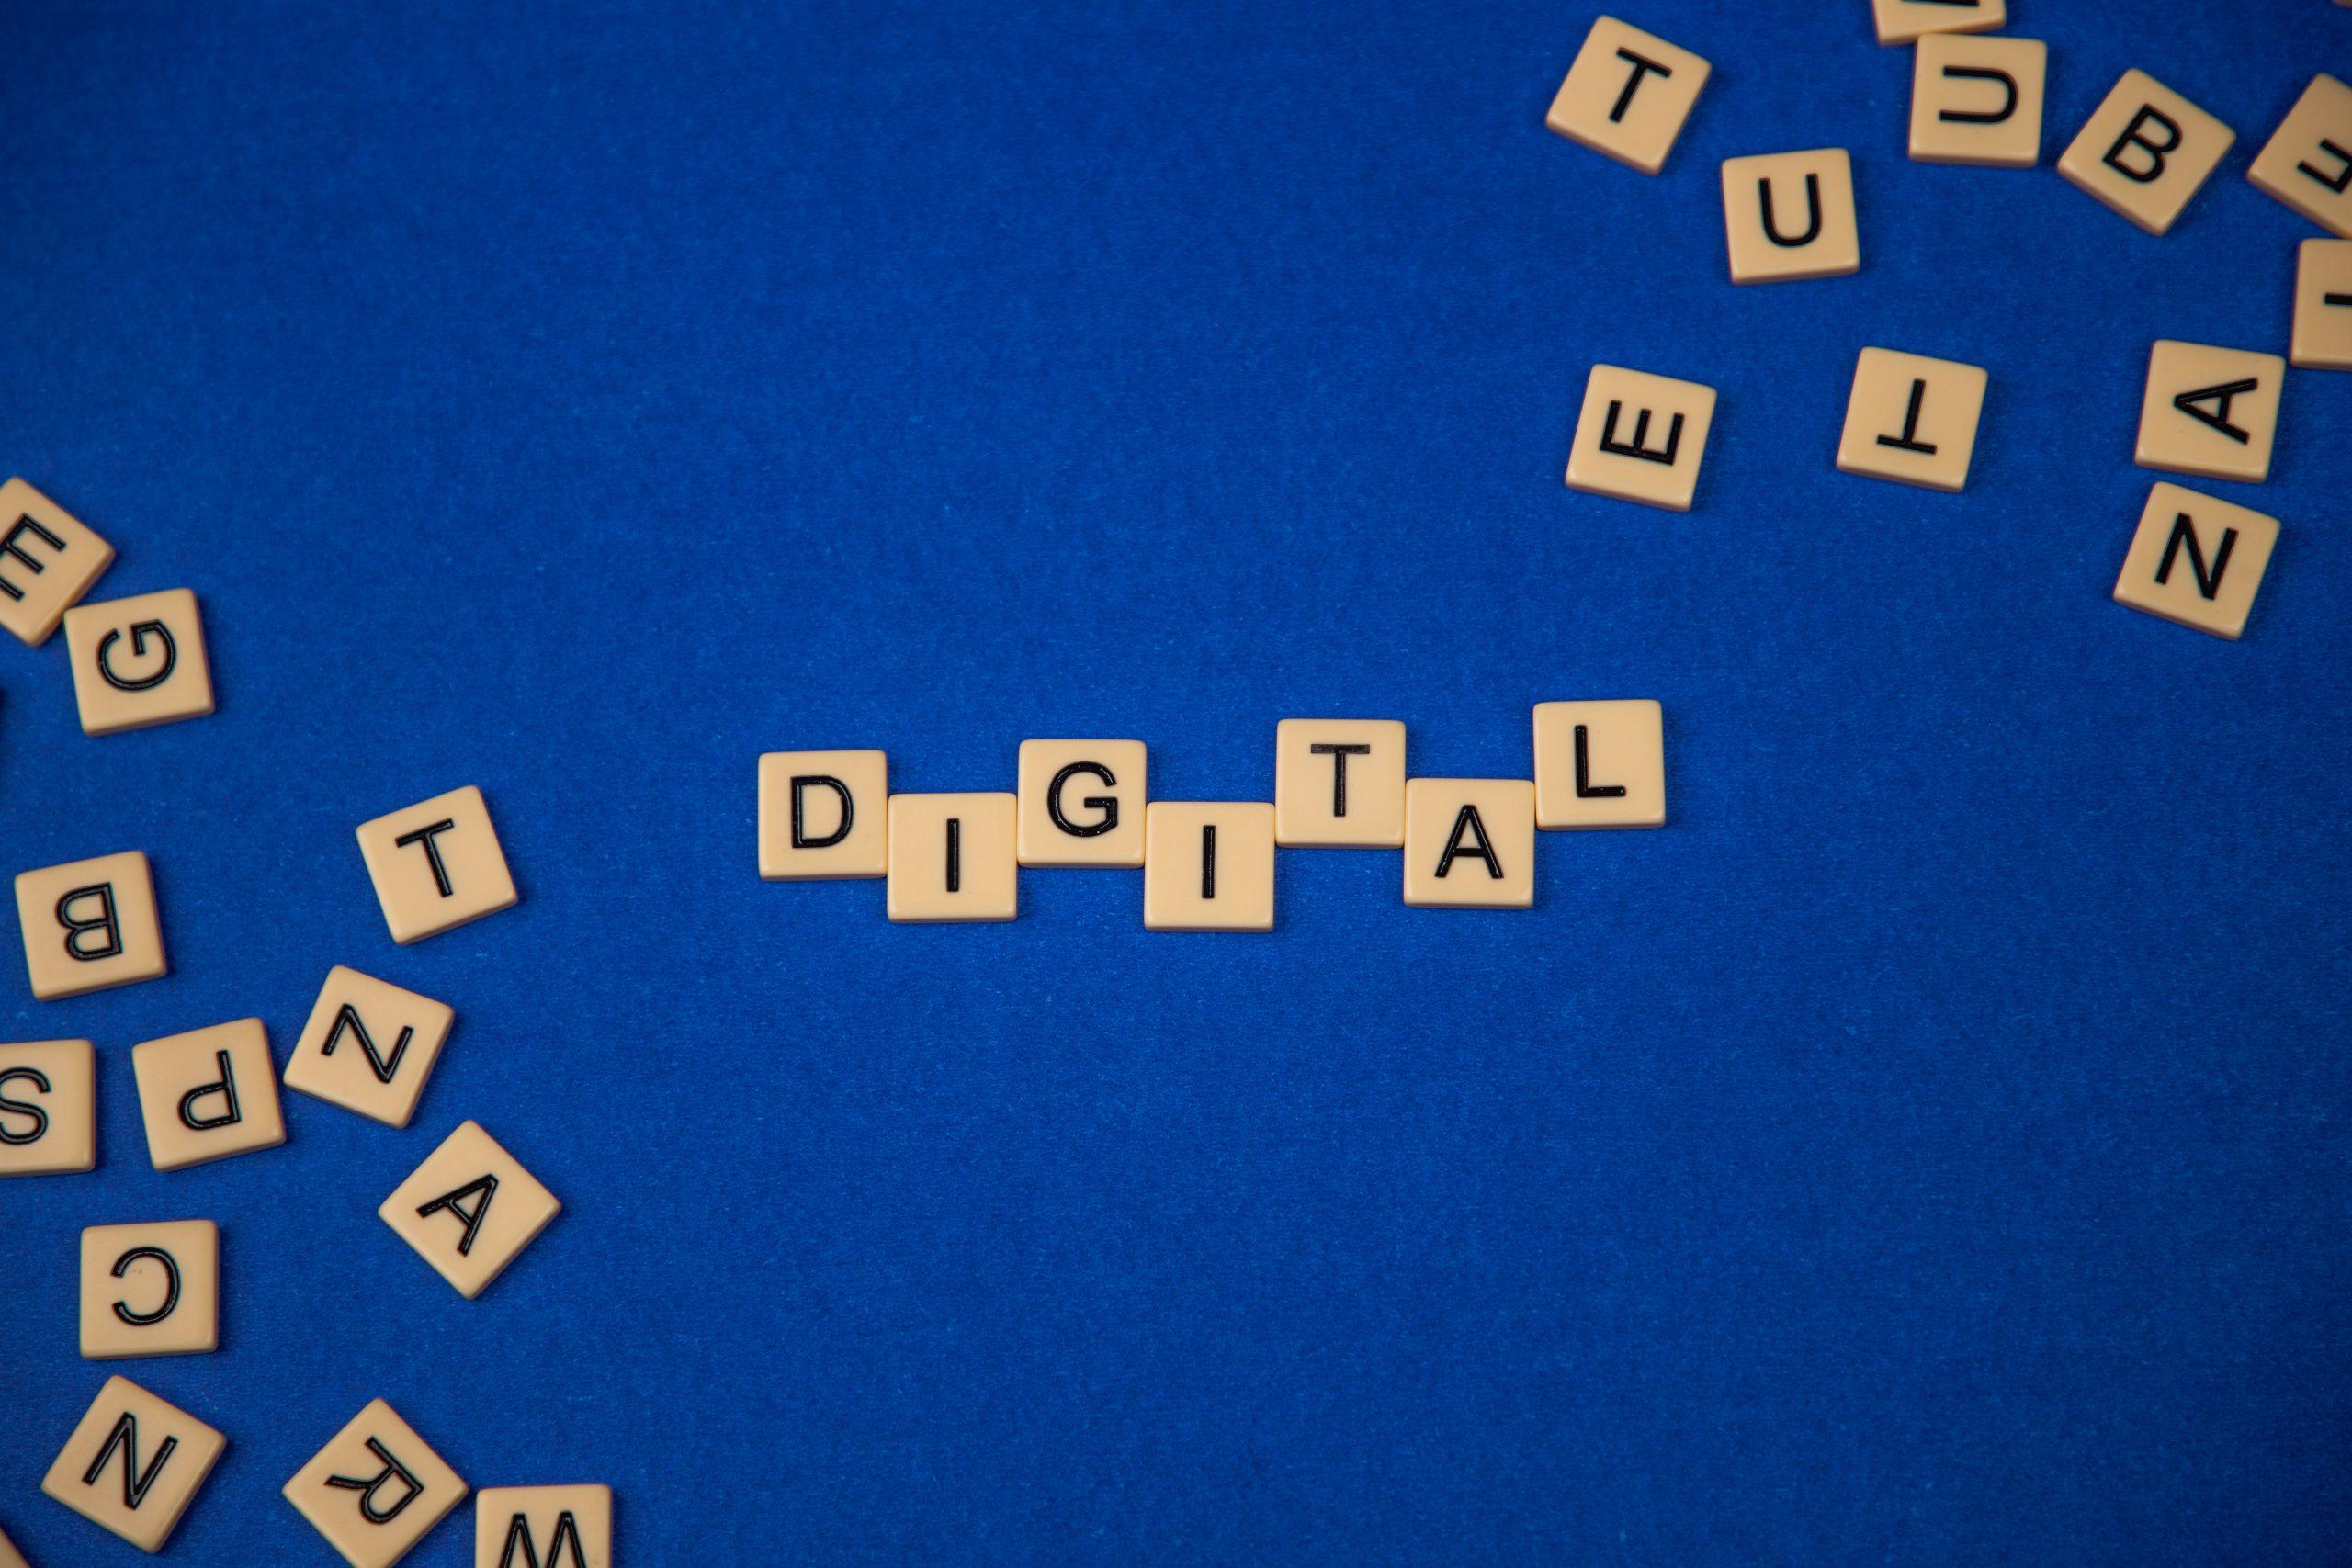 Digital written on scrabble